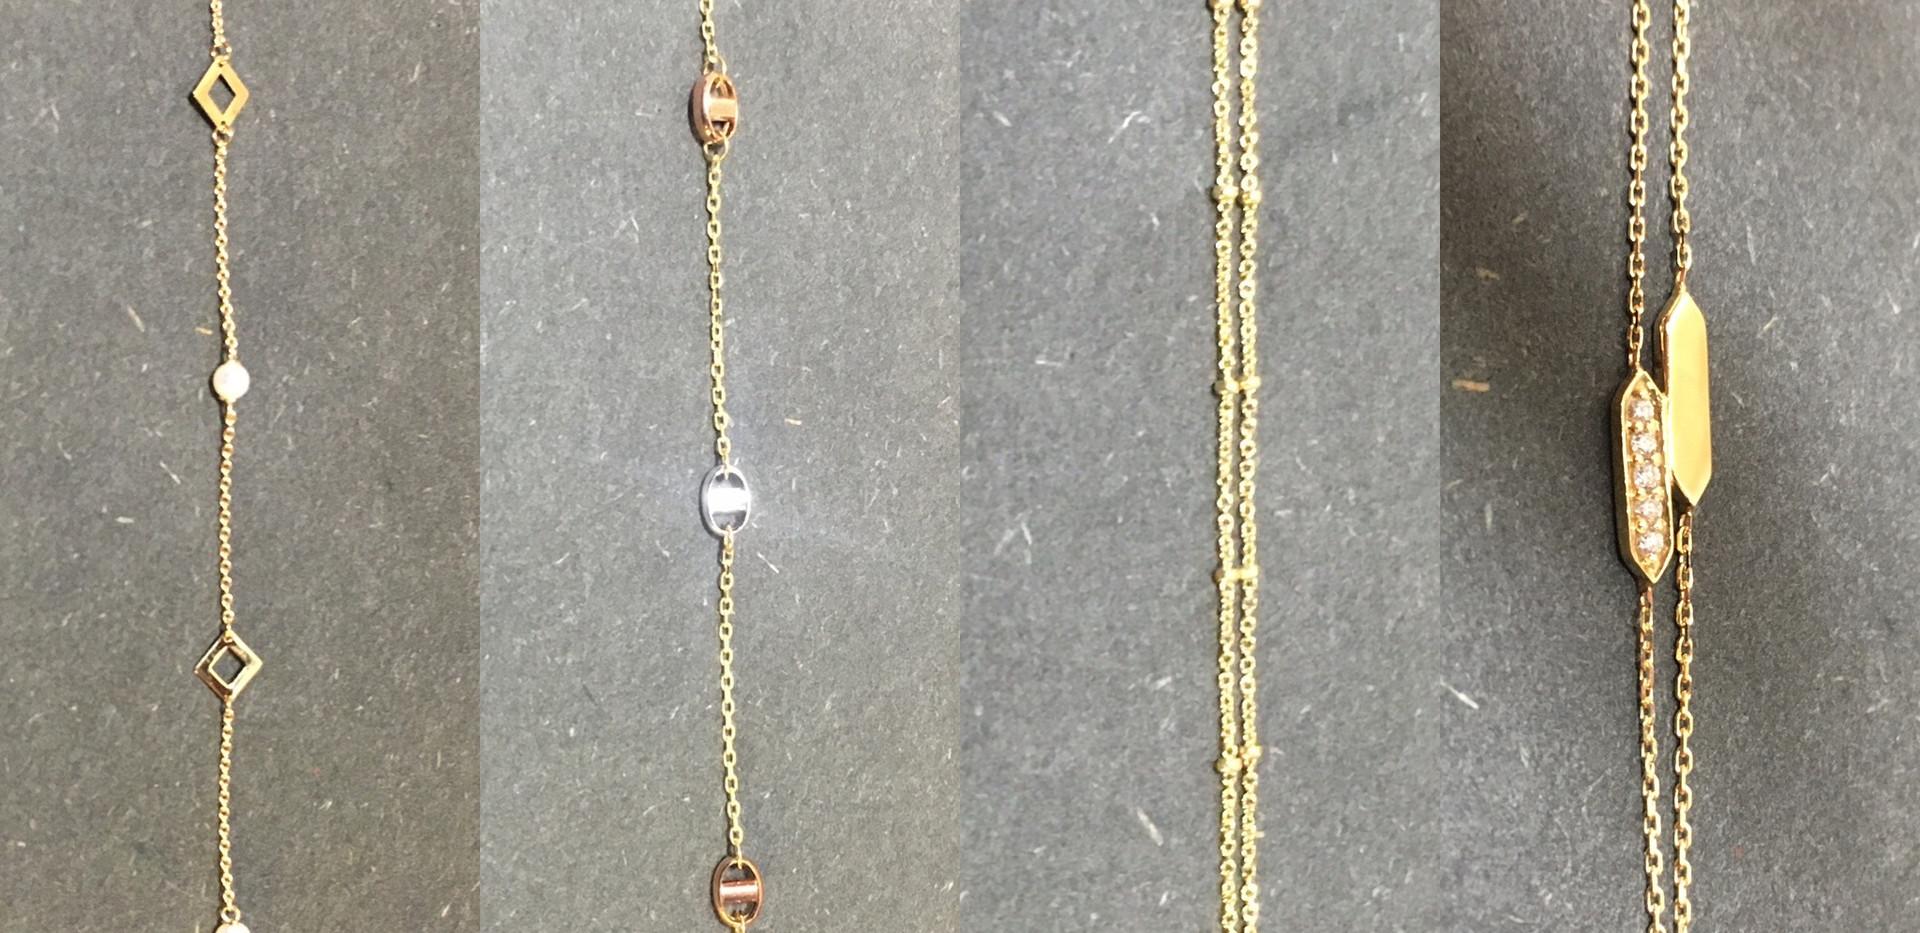 Choix Bracelets assortis, trois or 750, diamants. A partir de 185€